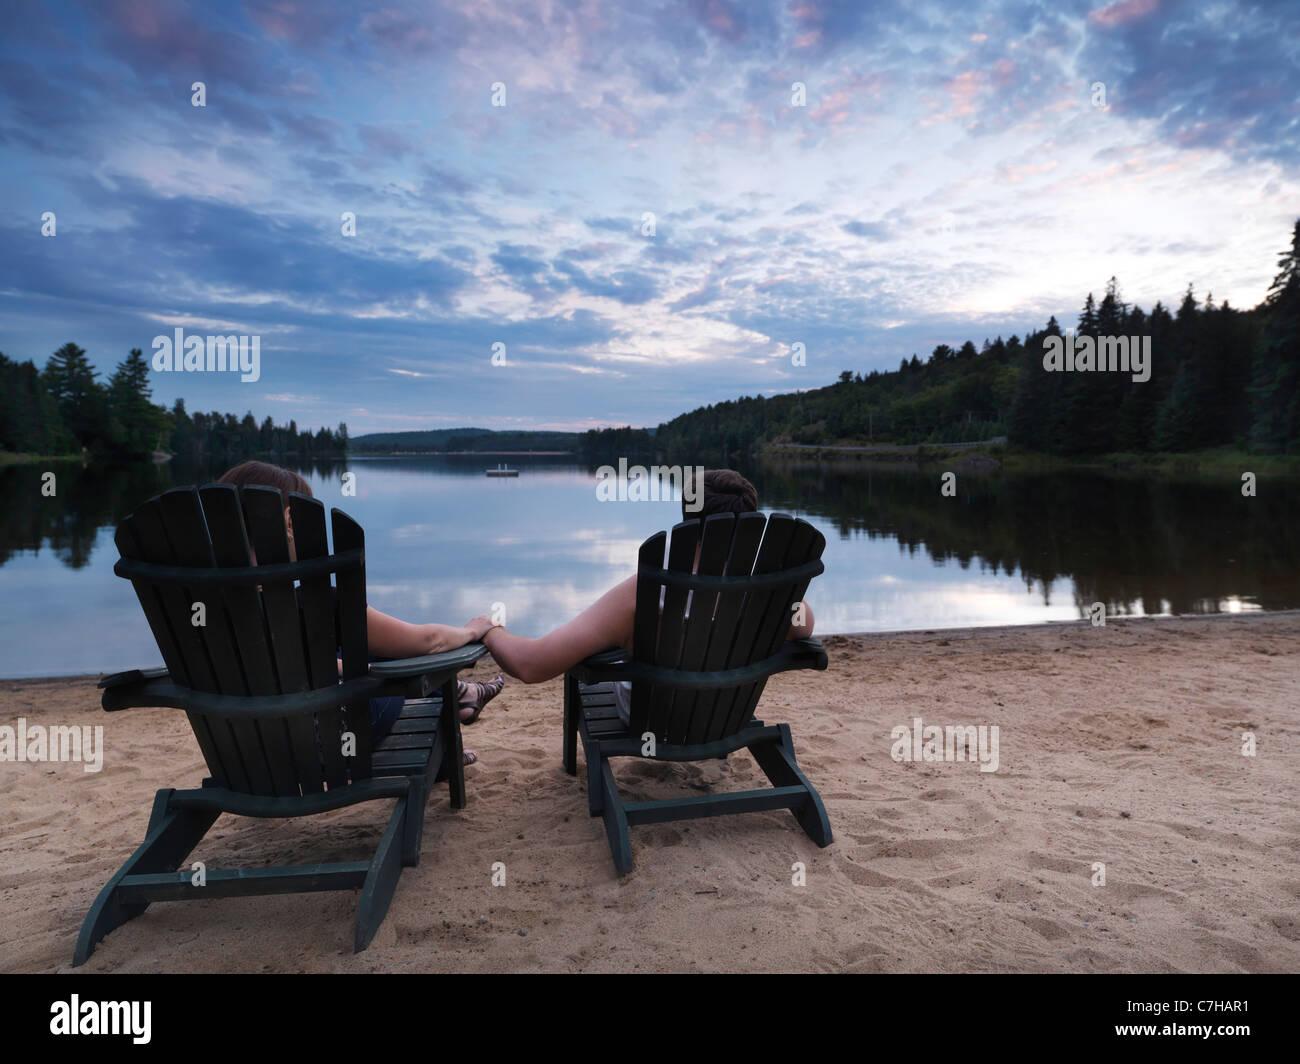 Par disfrutar del atardecer en el lago de Dos Ríos en Algonquin Provincial Park, Ontario, Canadá. Imagen De Stock